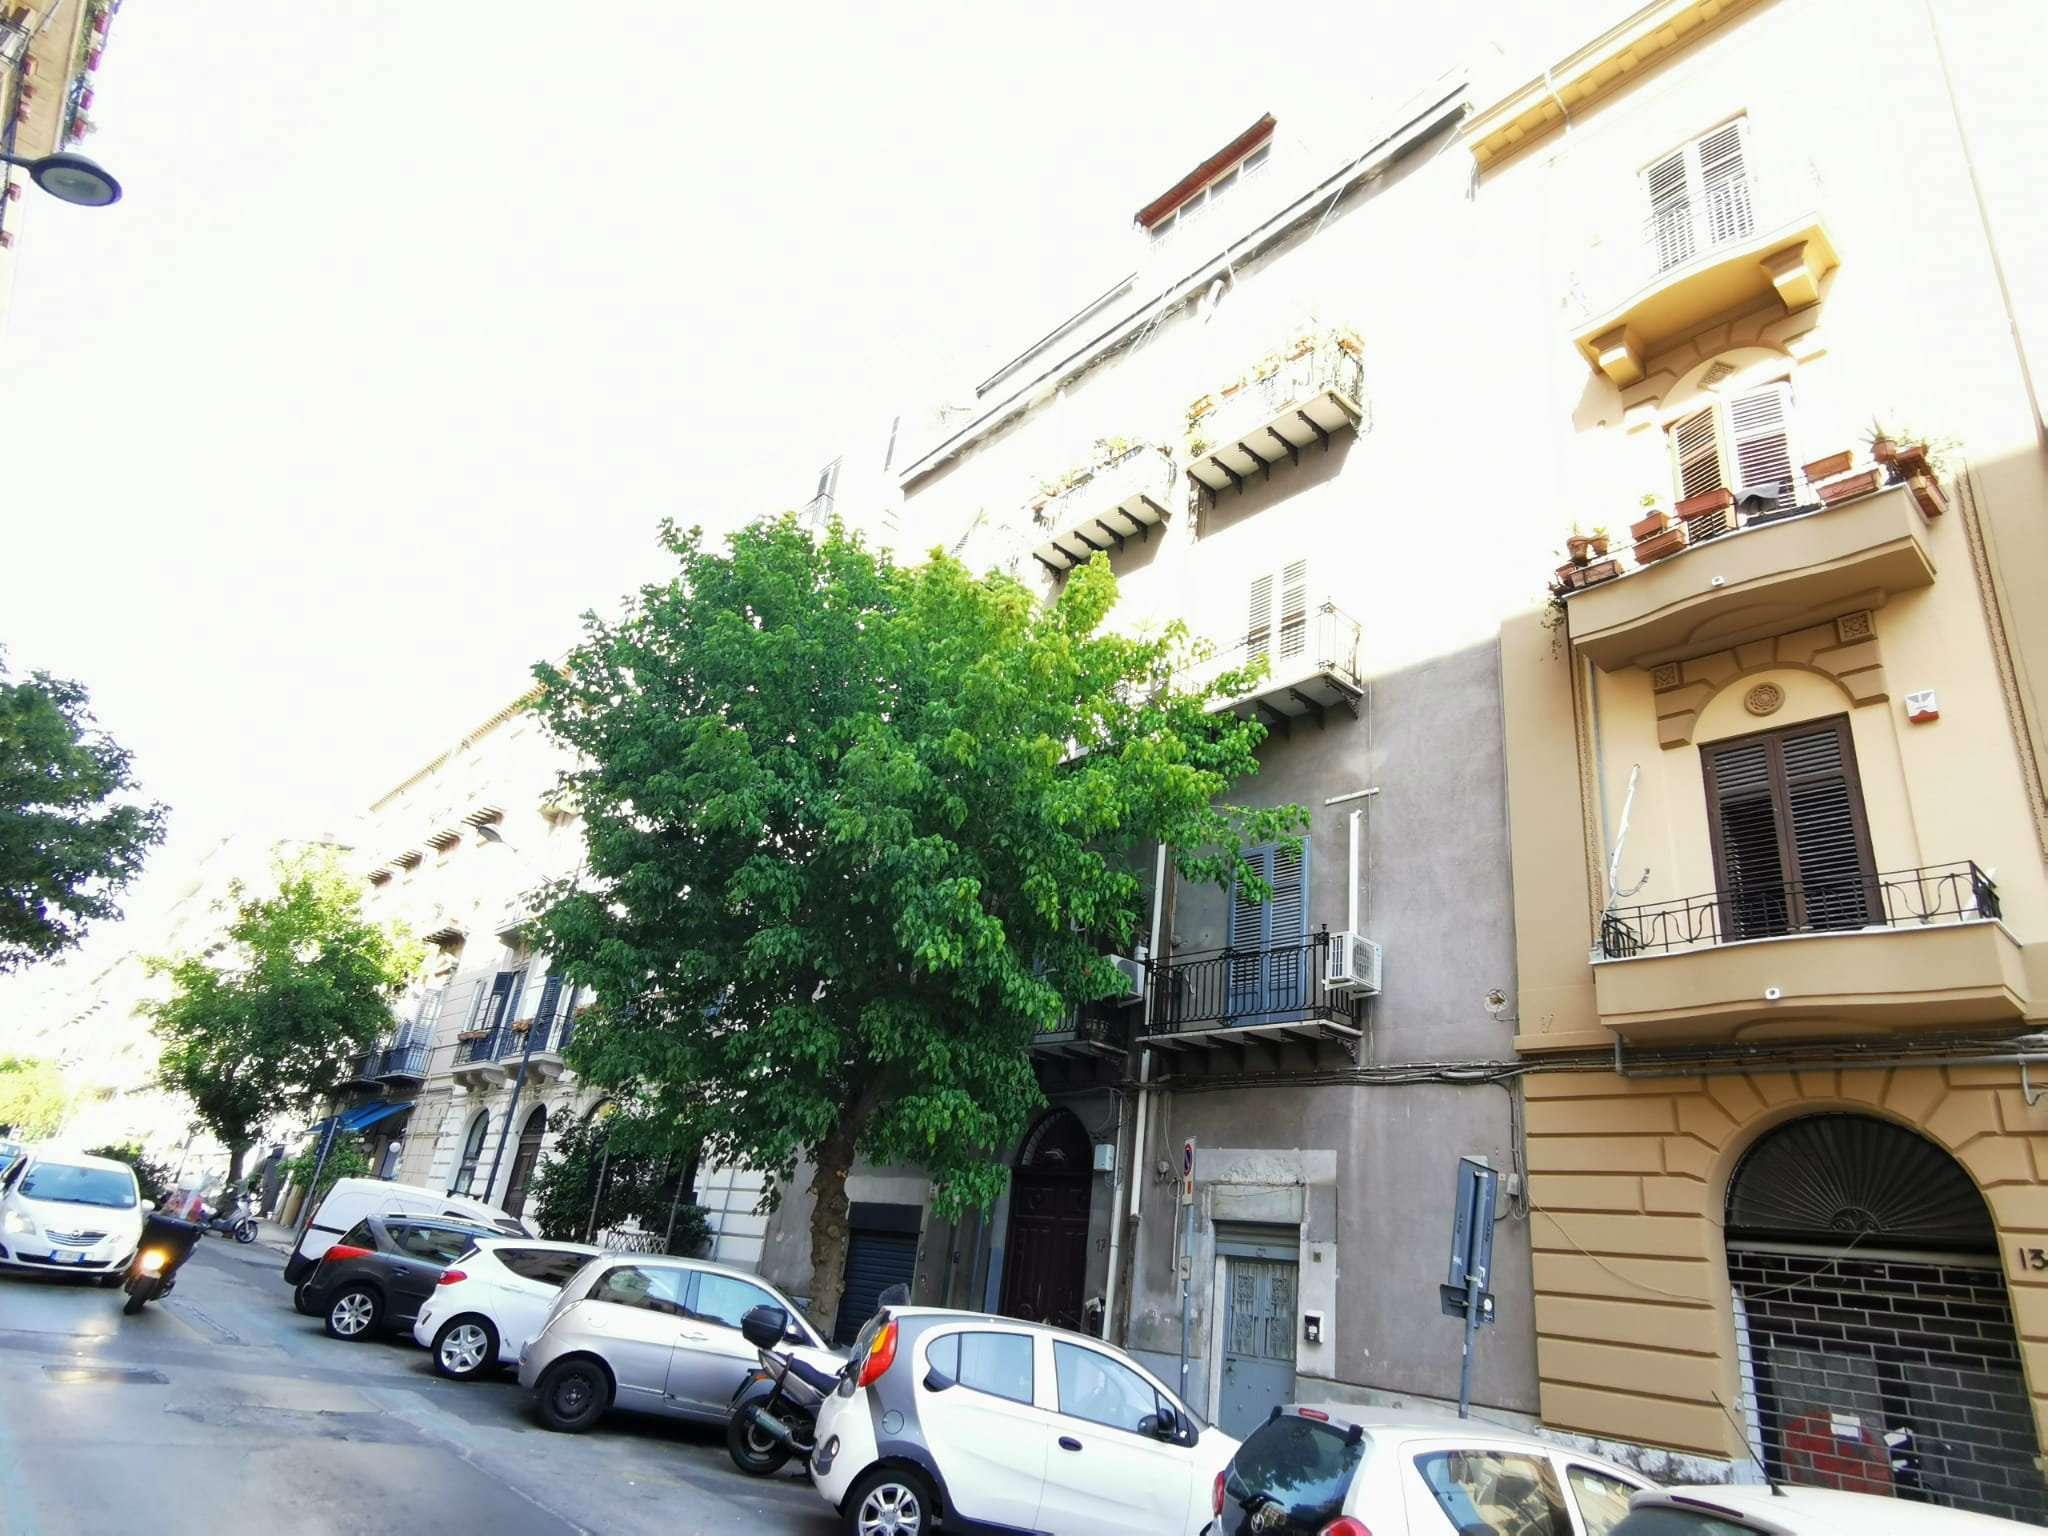 Ufficio-studio in Affitto a Palermo: 3 locali, 80 mq